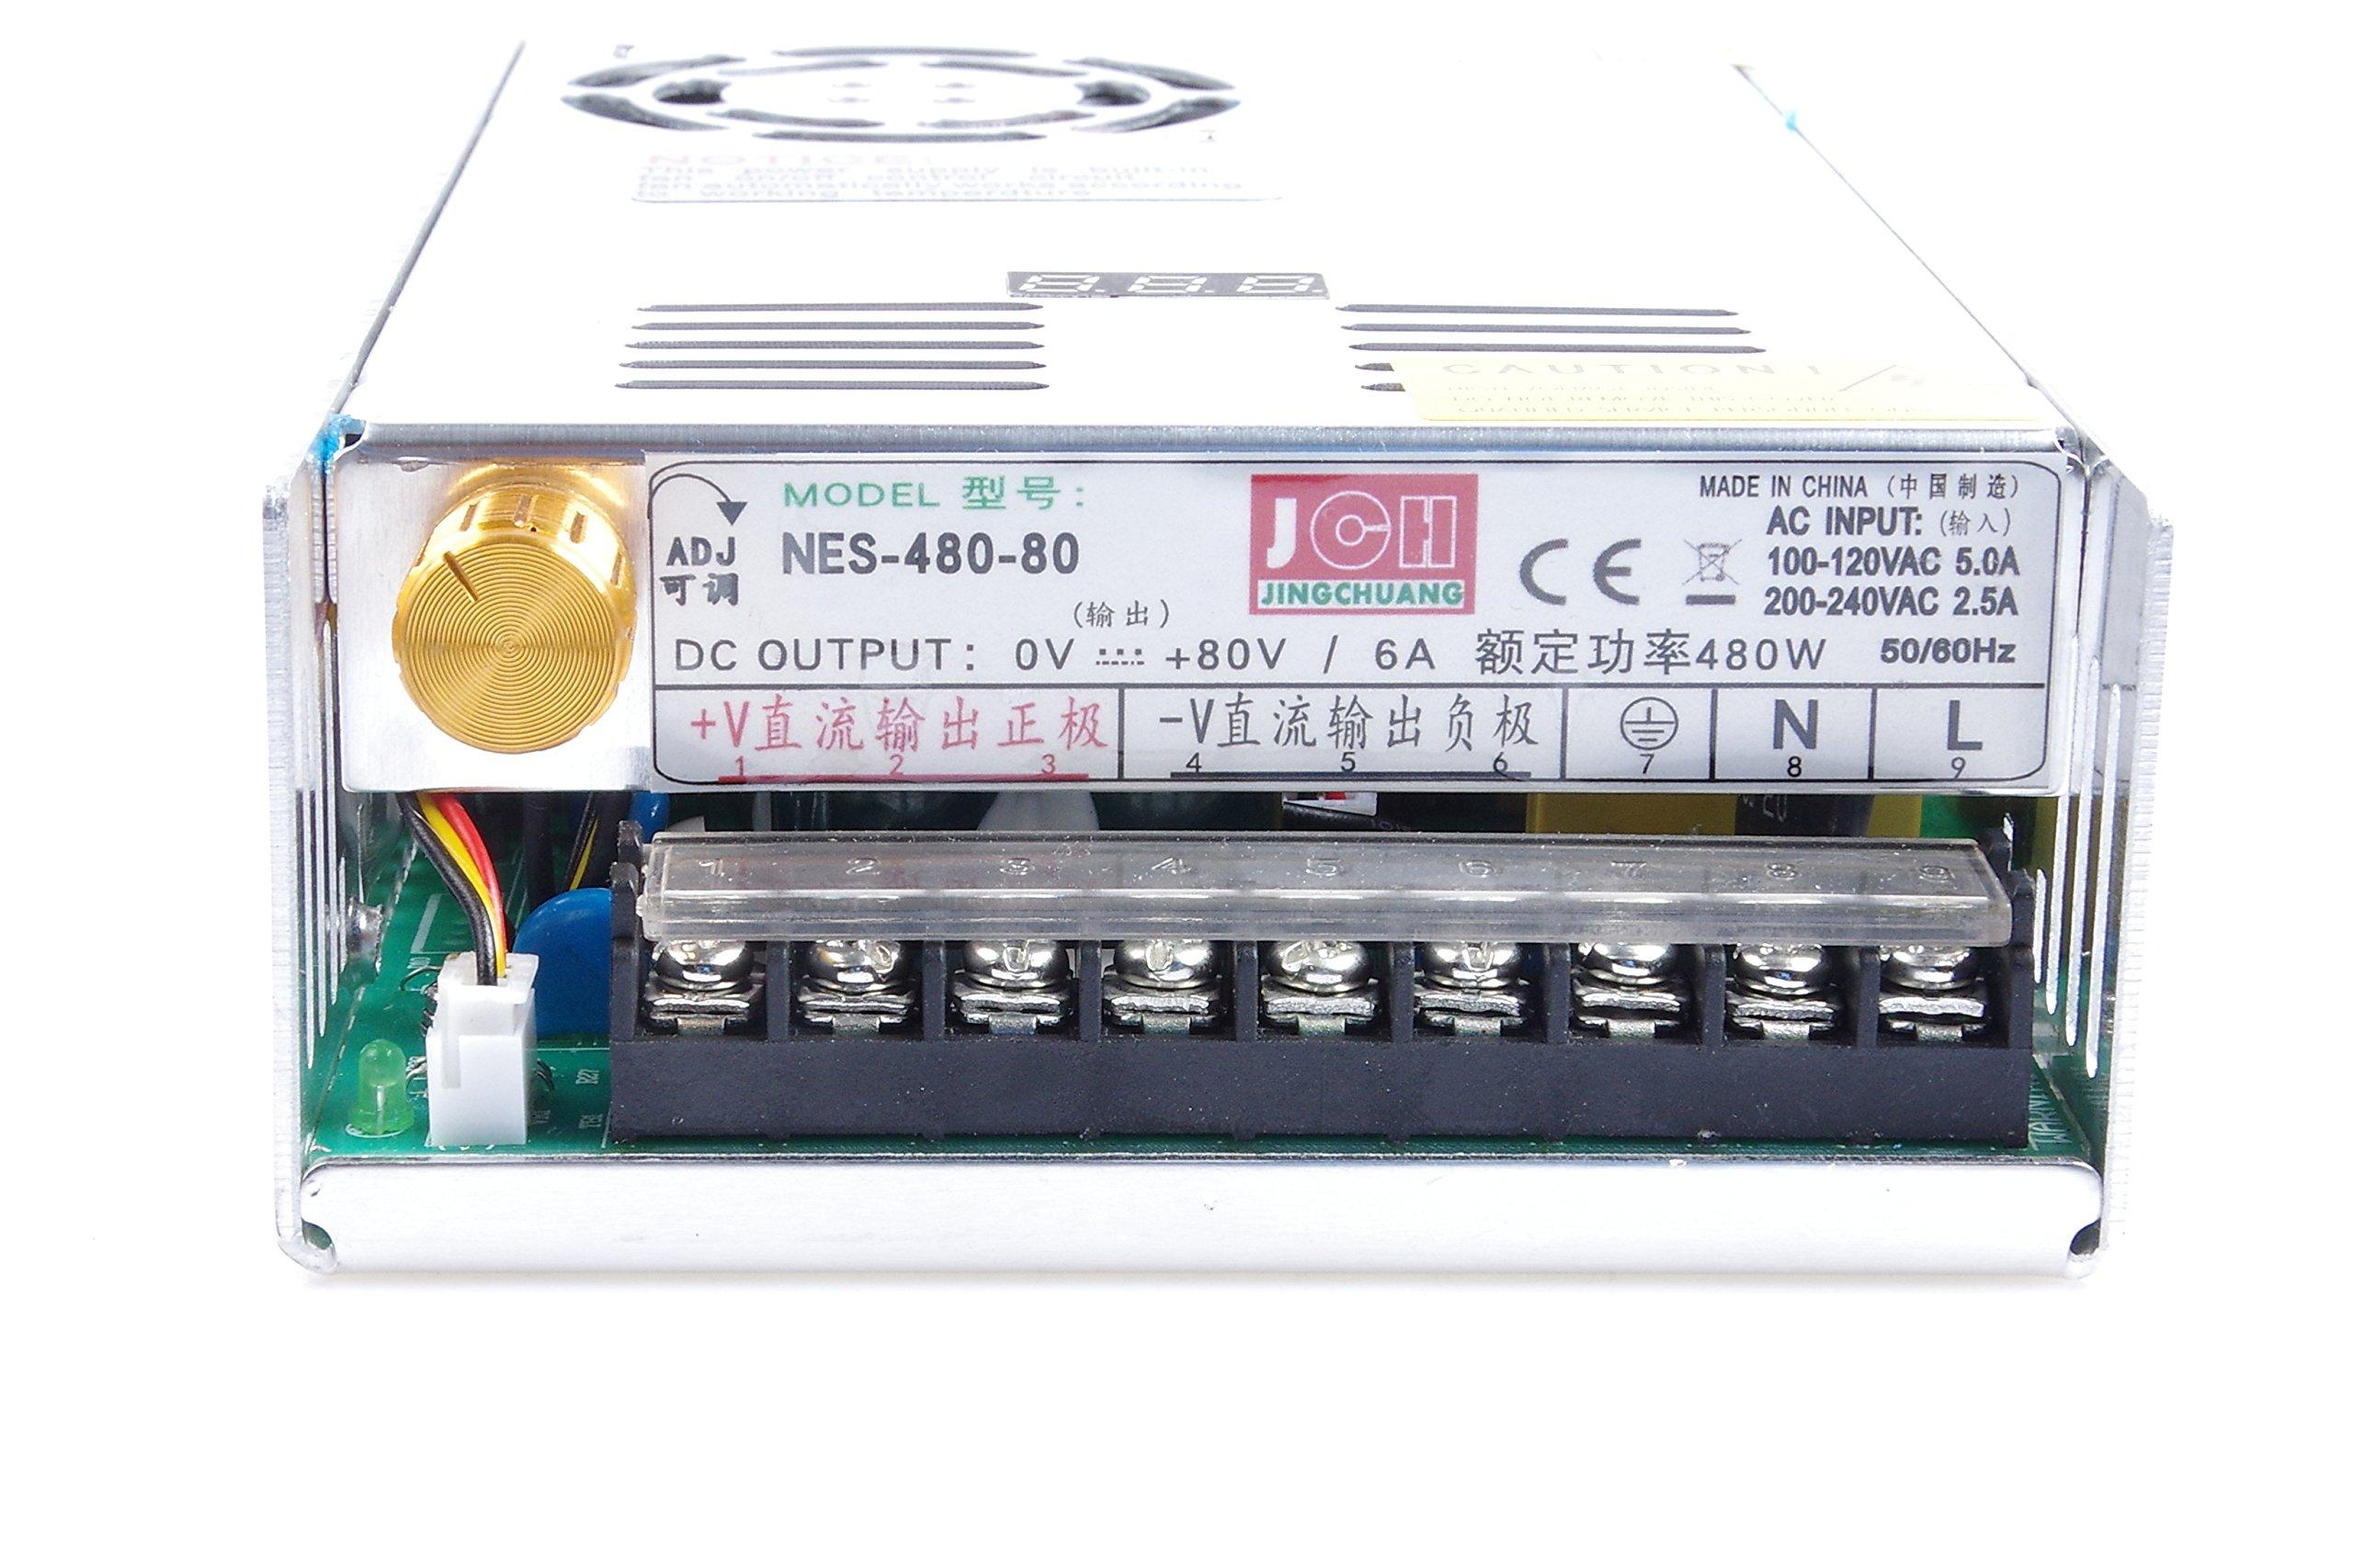 Adjustable DC Power Voltage Converter AC 110V-220V to DC 0-80V Module 80V 6A Switching Power Supply Digital Display 480W Voltage Regulator Transformer Built in Cooling Fan (DC 0-80V 6A) by TOFKE (Image #2)